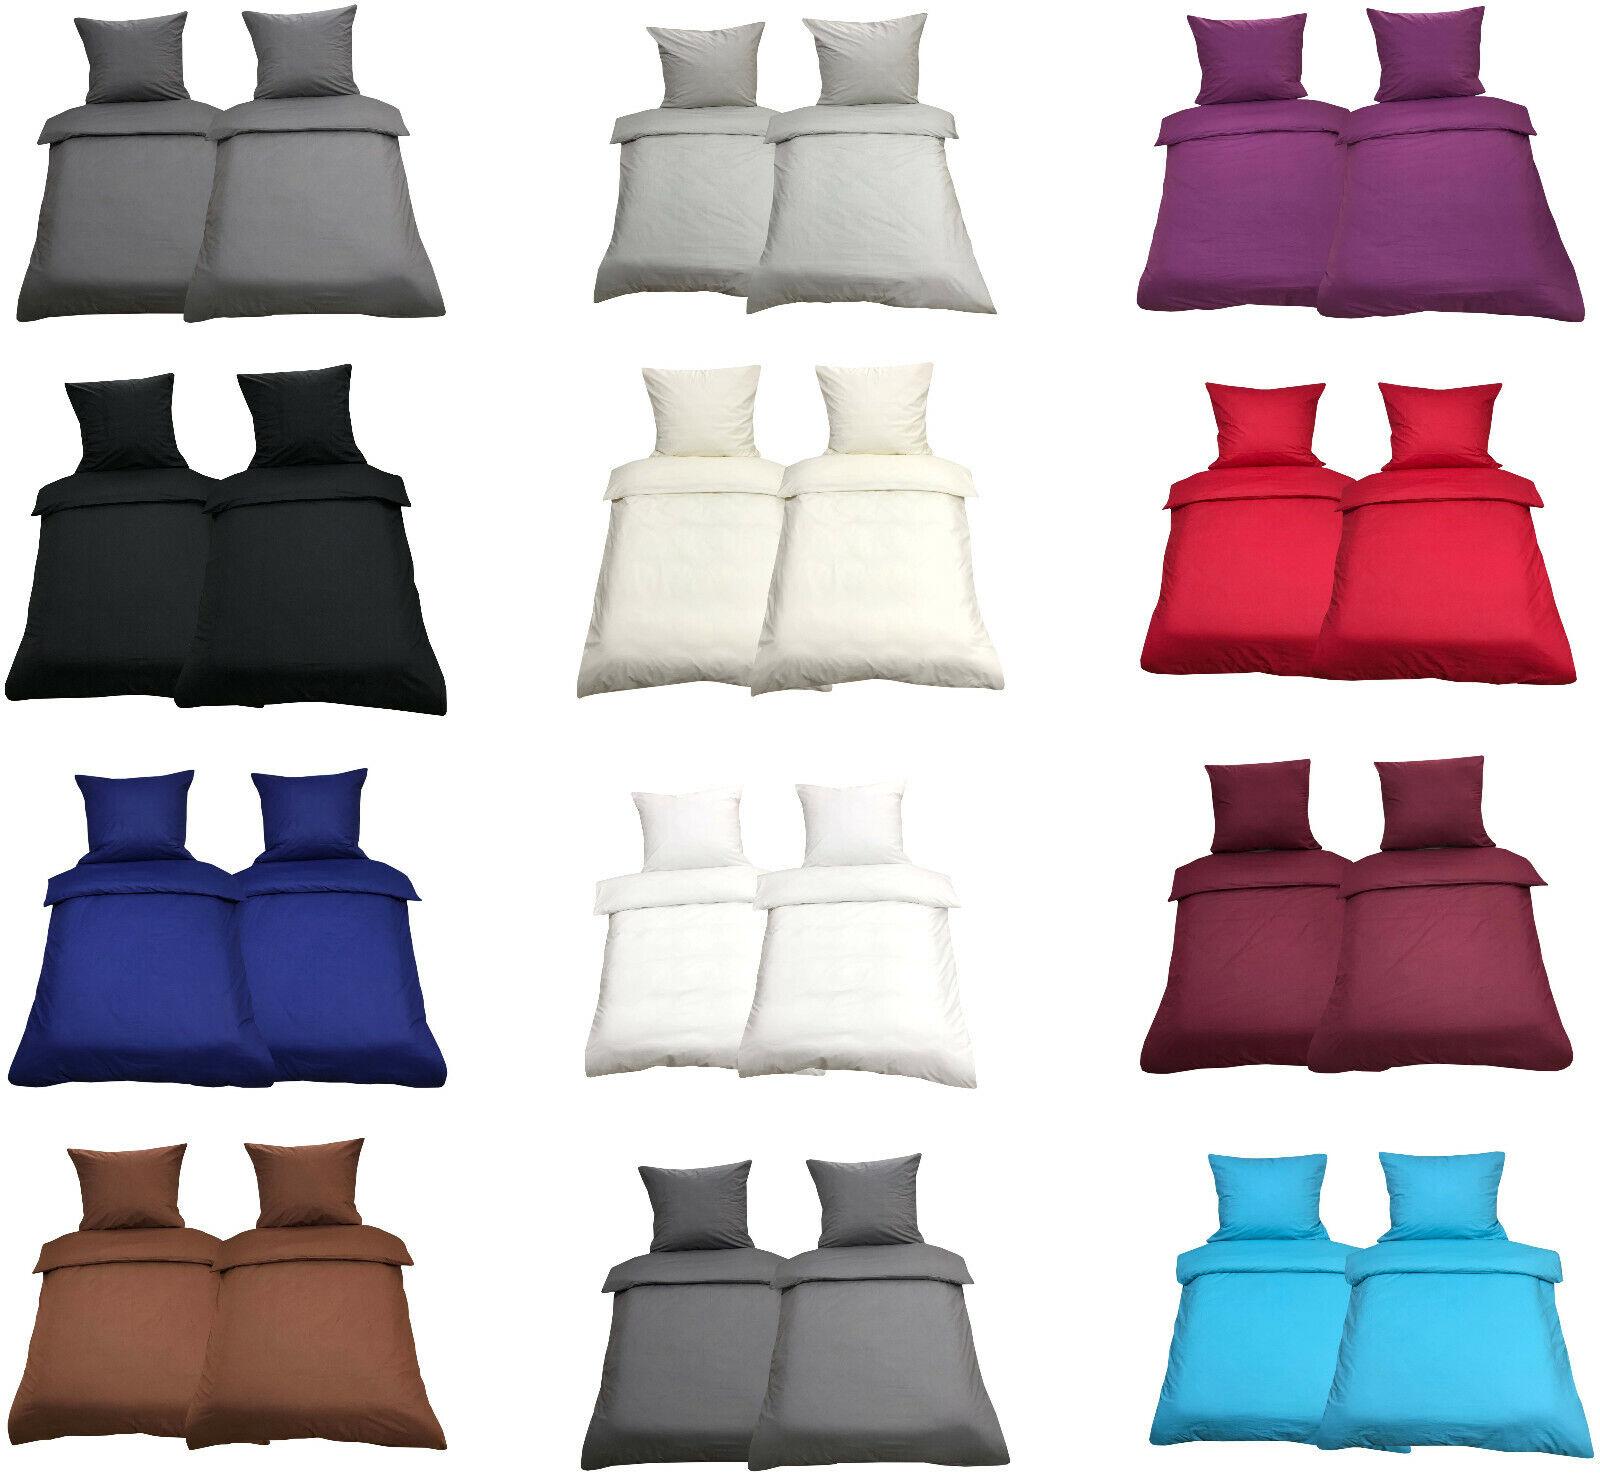 Bettwäsche 135x200 Baumwolle Bettwaren Bettbezug Uni Garnitur Renforce 4-tlg 2tl